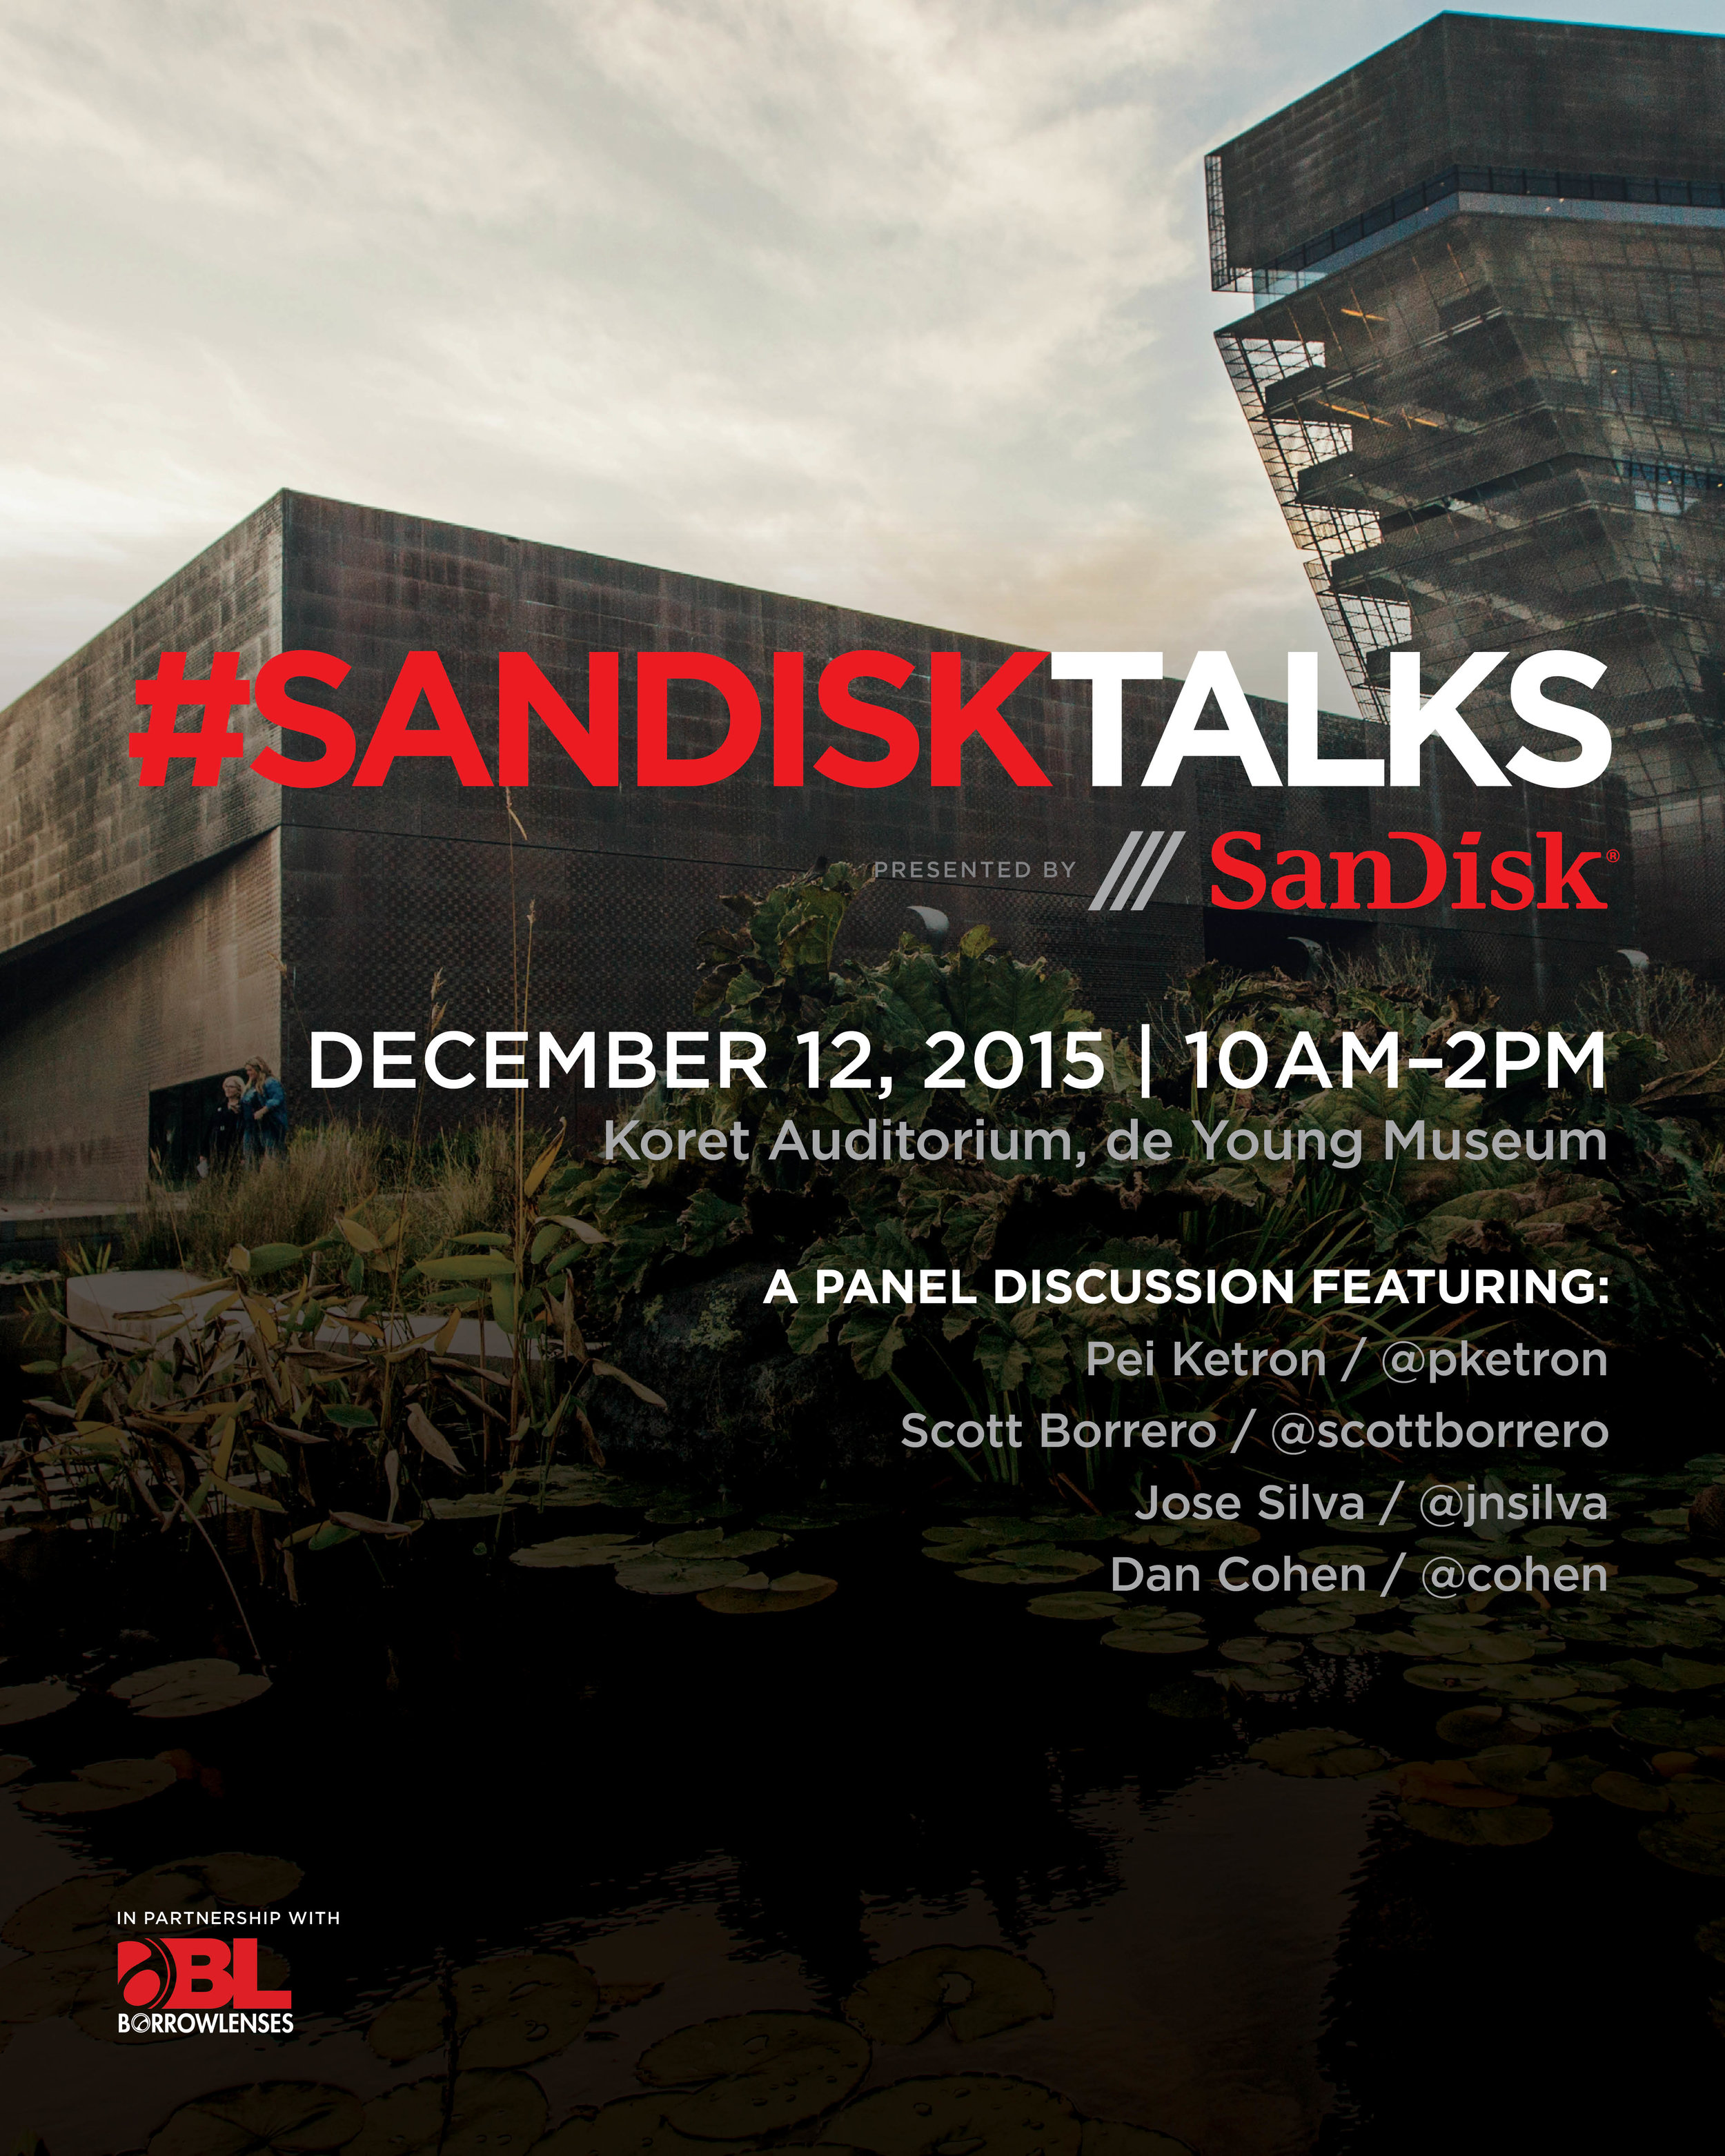 SanDisk Talks by Mark Penacerrada